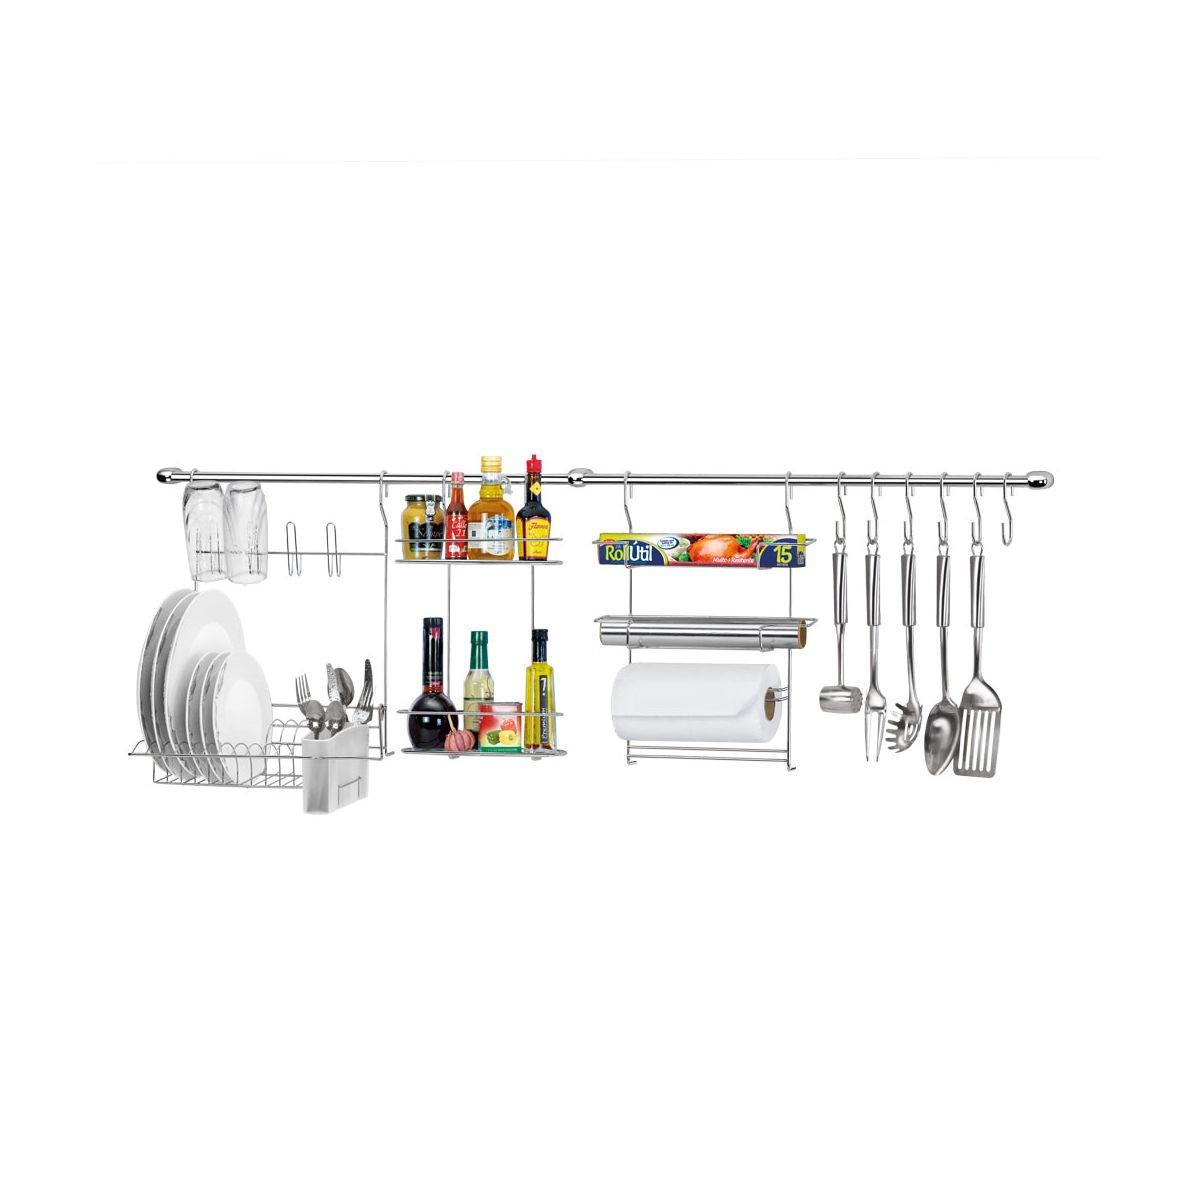 Kit Cozinha Cook Home 10 Com Escorredor Porta Rolos Arthi 1410